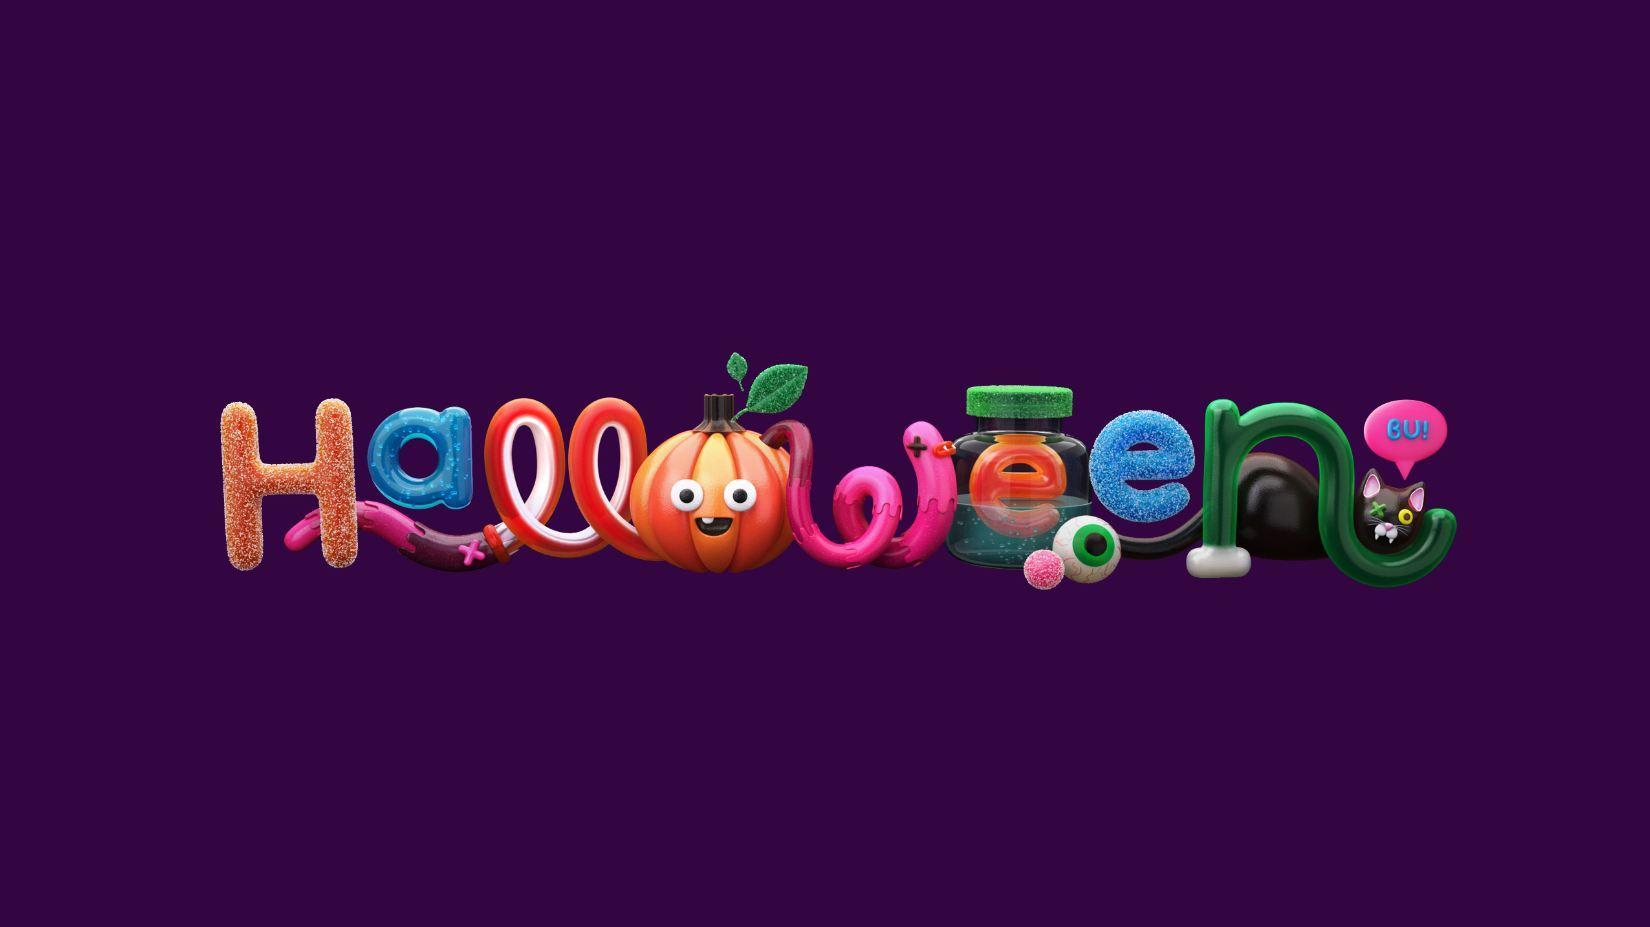 Halloween X Andrea González Brena - News